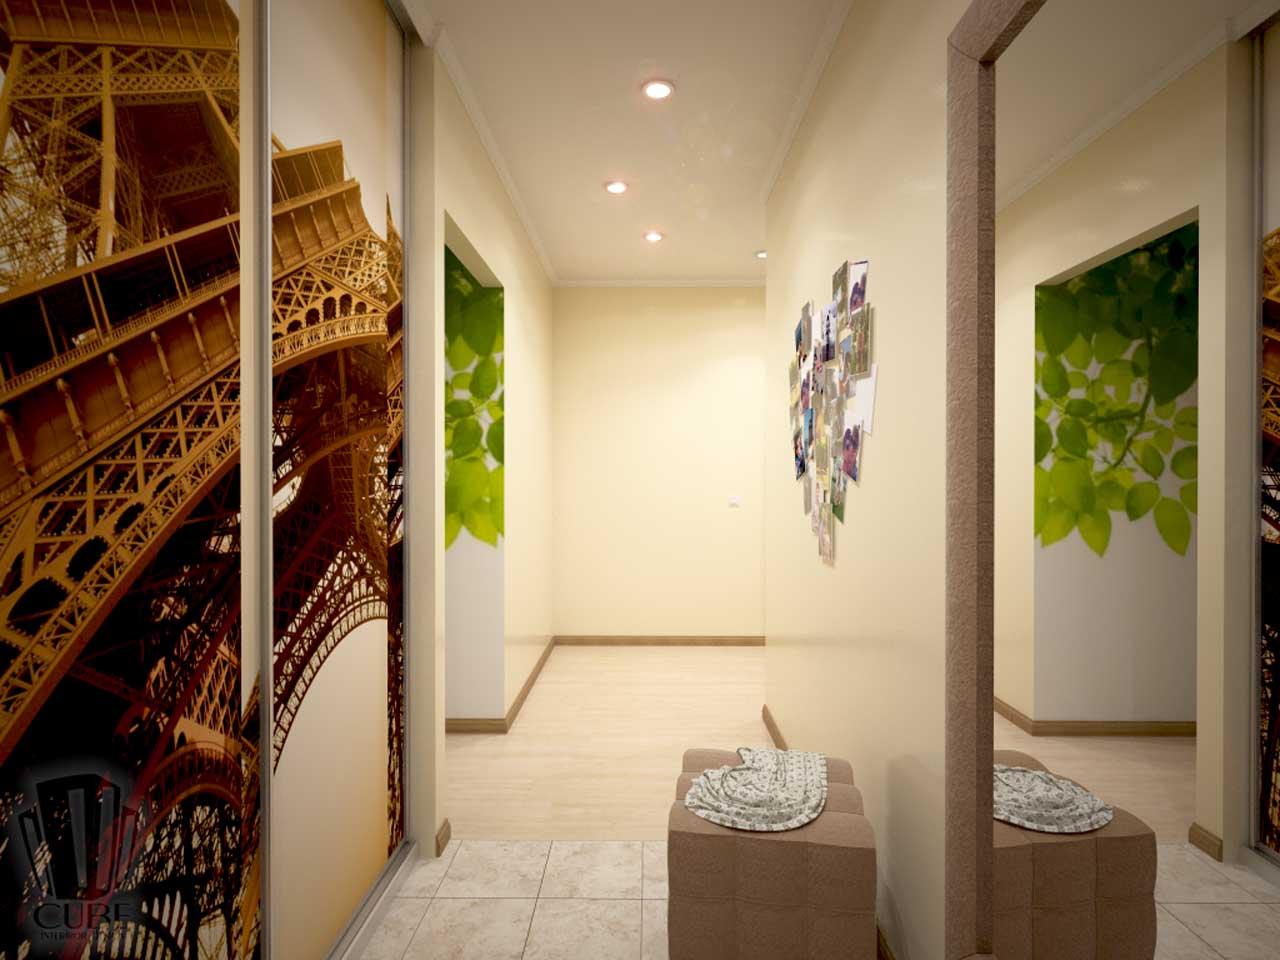 Дизайн-проект интерьера. Тюмень ул. Широтная д.158. Квартира для молодой семьи (21)